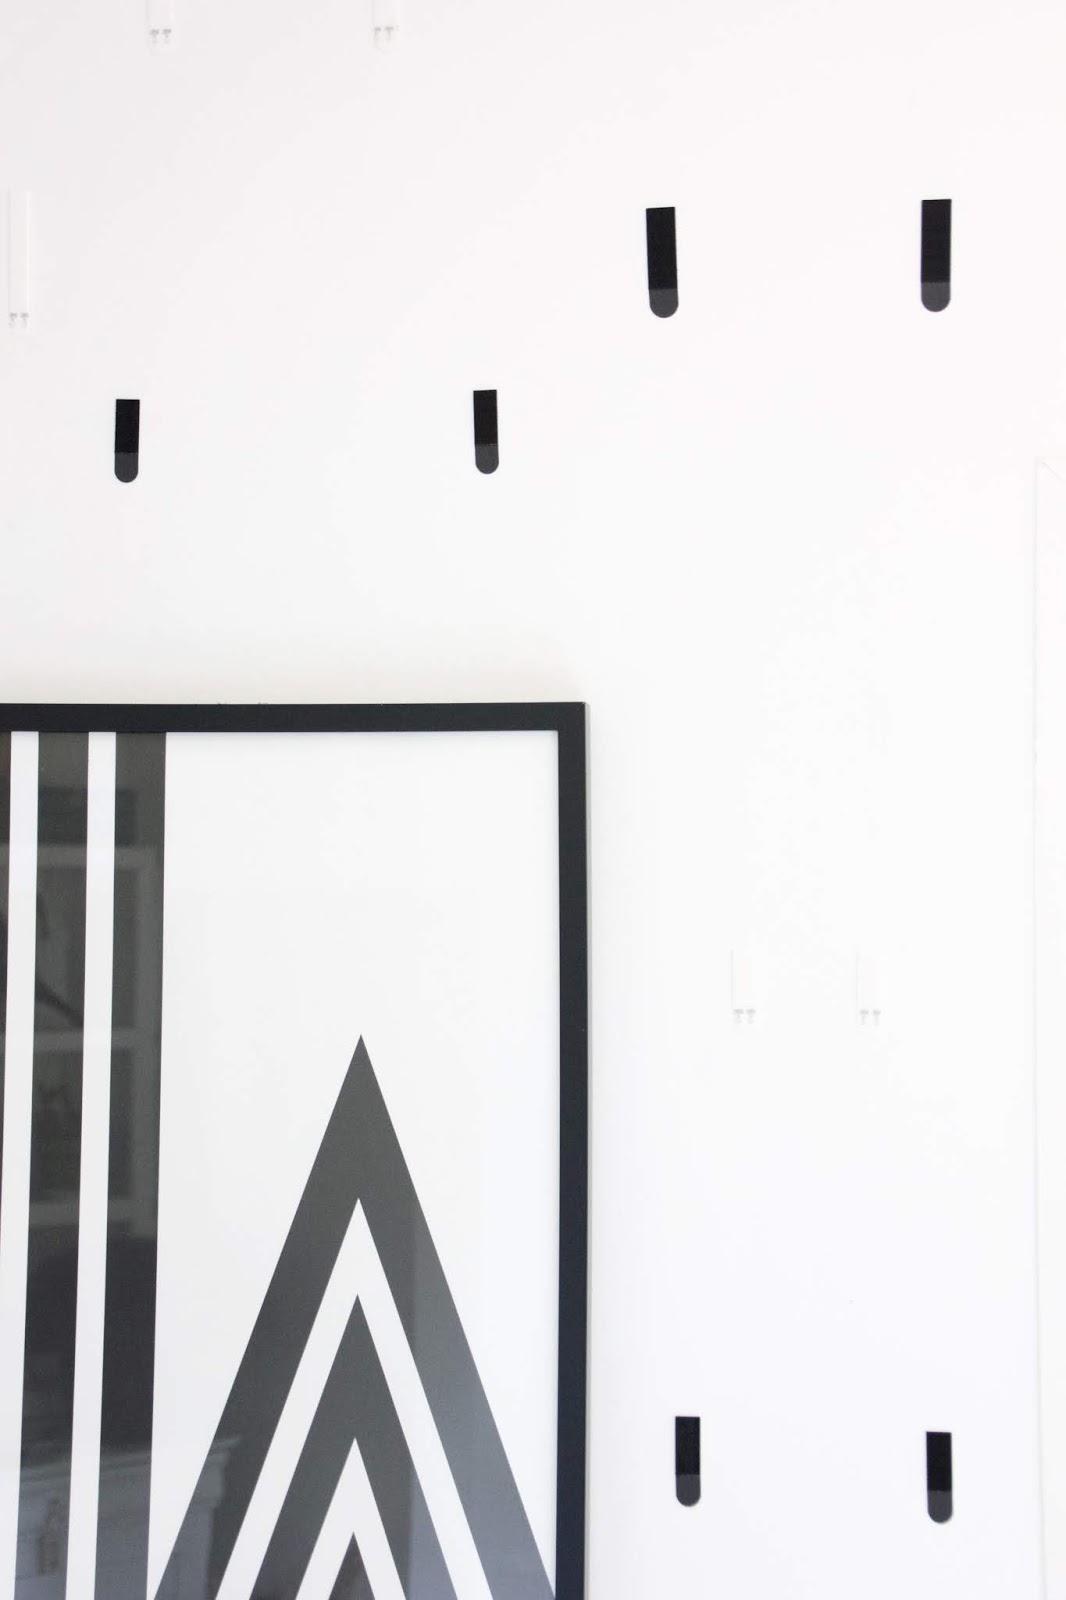 Accrocher Tableau Mur Beton Sans Percer regardsetmaisons: diy mon mur de cadres sans trou ni clou